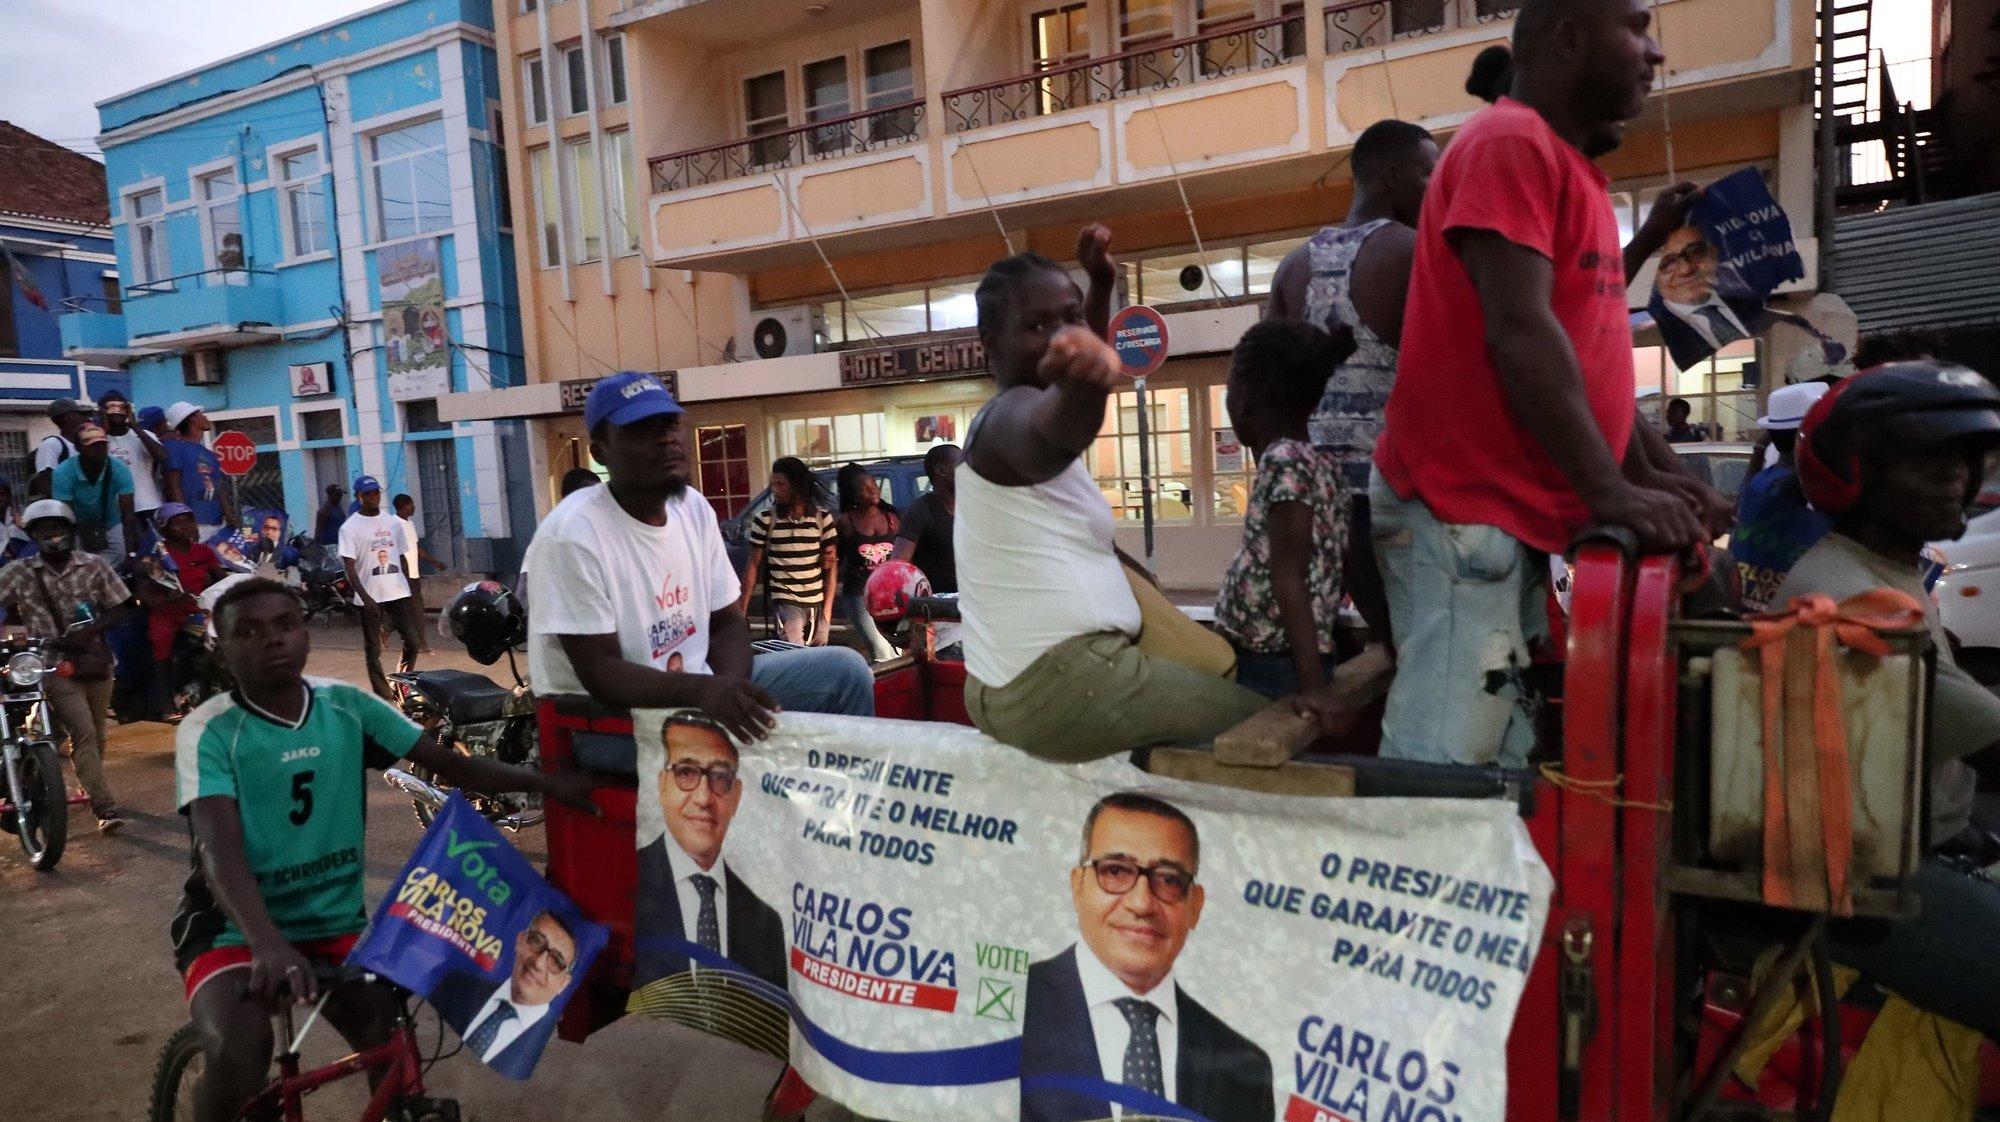 Apoiantes do candidato Carlos Vila Nova gritam palavras de ordem pela rua, durante uma marcha de celebração por ser o candidato mais votado, apesar de não garantir a vitória à primeira volta. São Tomé, 19 de julho de 2021. Segundo os resultados provisórios, anunciados hoje pela CEN, Carlos Vila Nova, apoiado pela Ação Democrática Independente (ADI, oposição) foi o candidato mais votado, com 39,47% (32.022 votos). NUNO VEIGA/LUSA